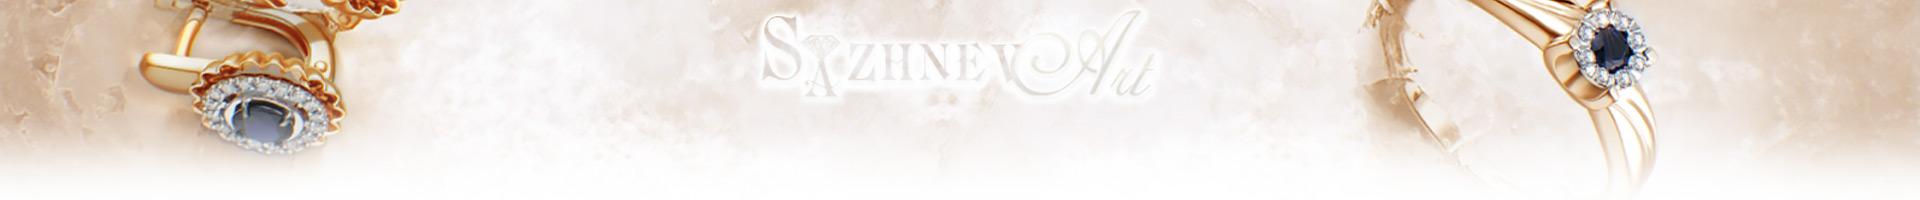 sazhnev.art CH166